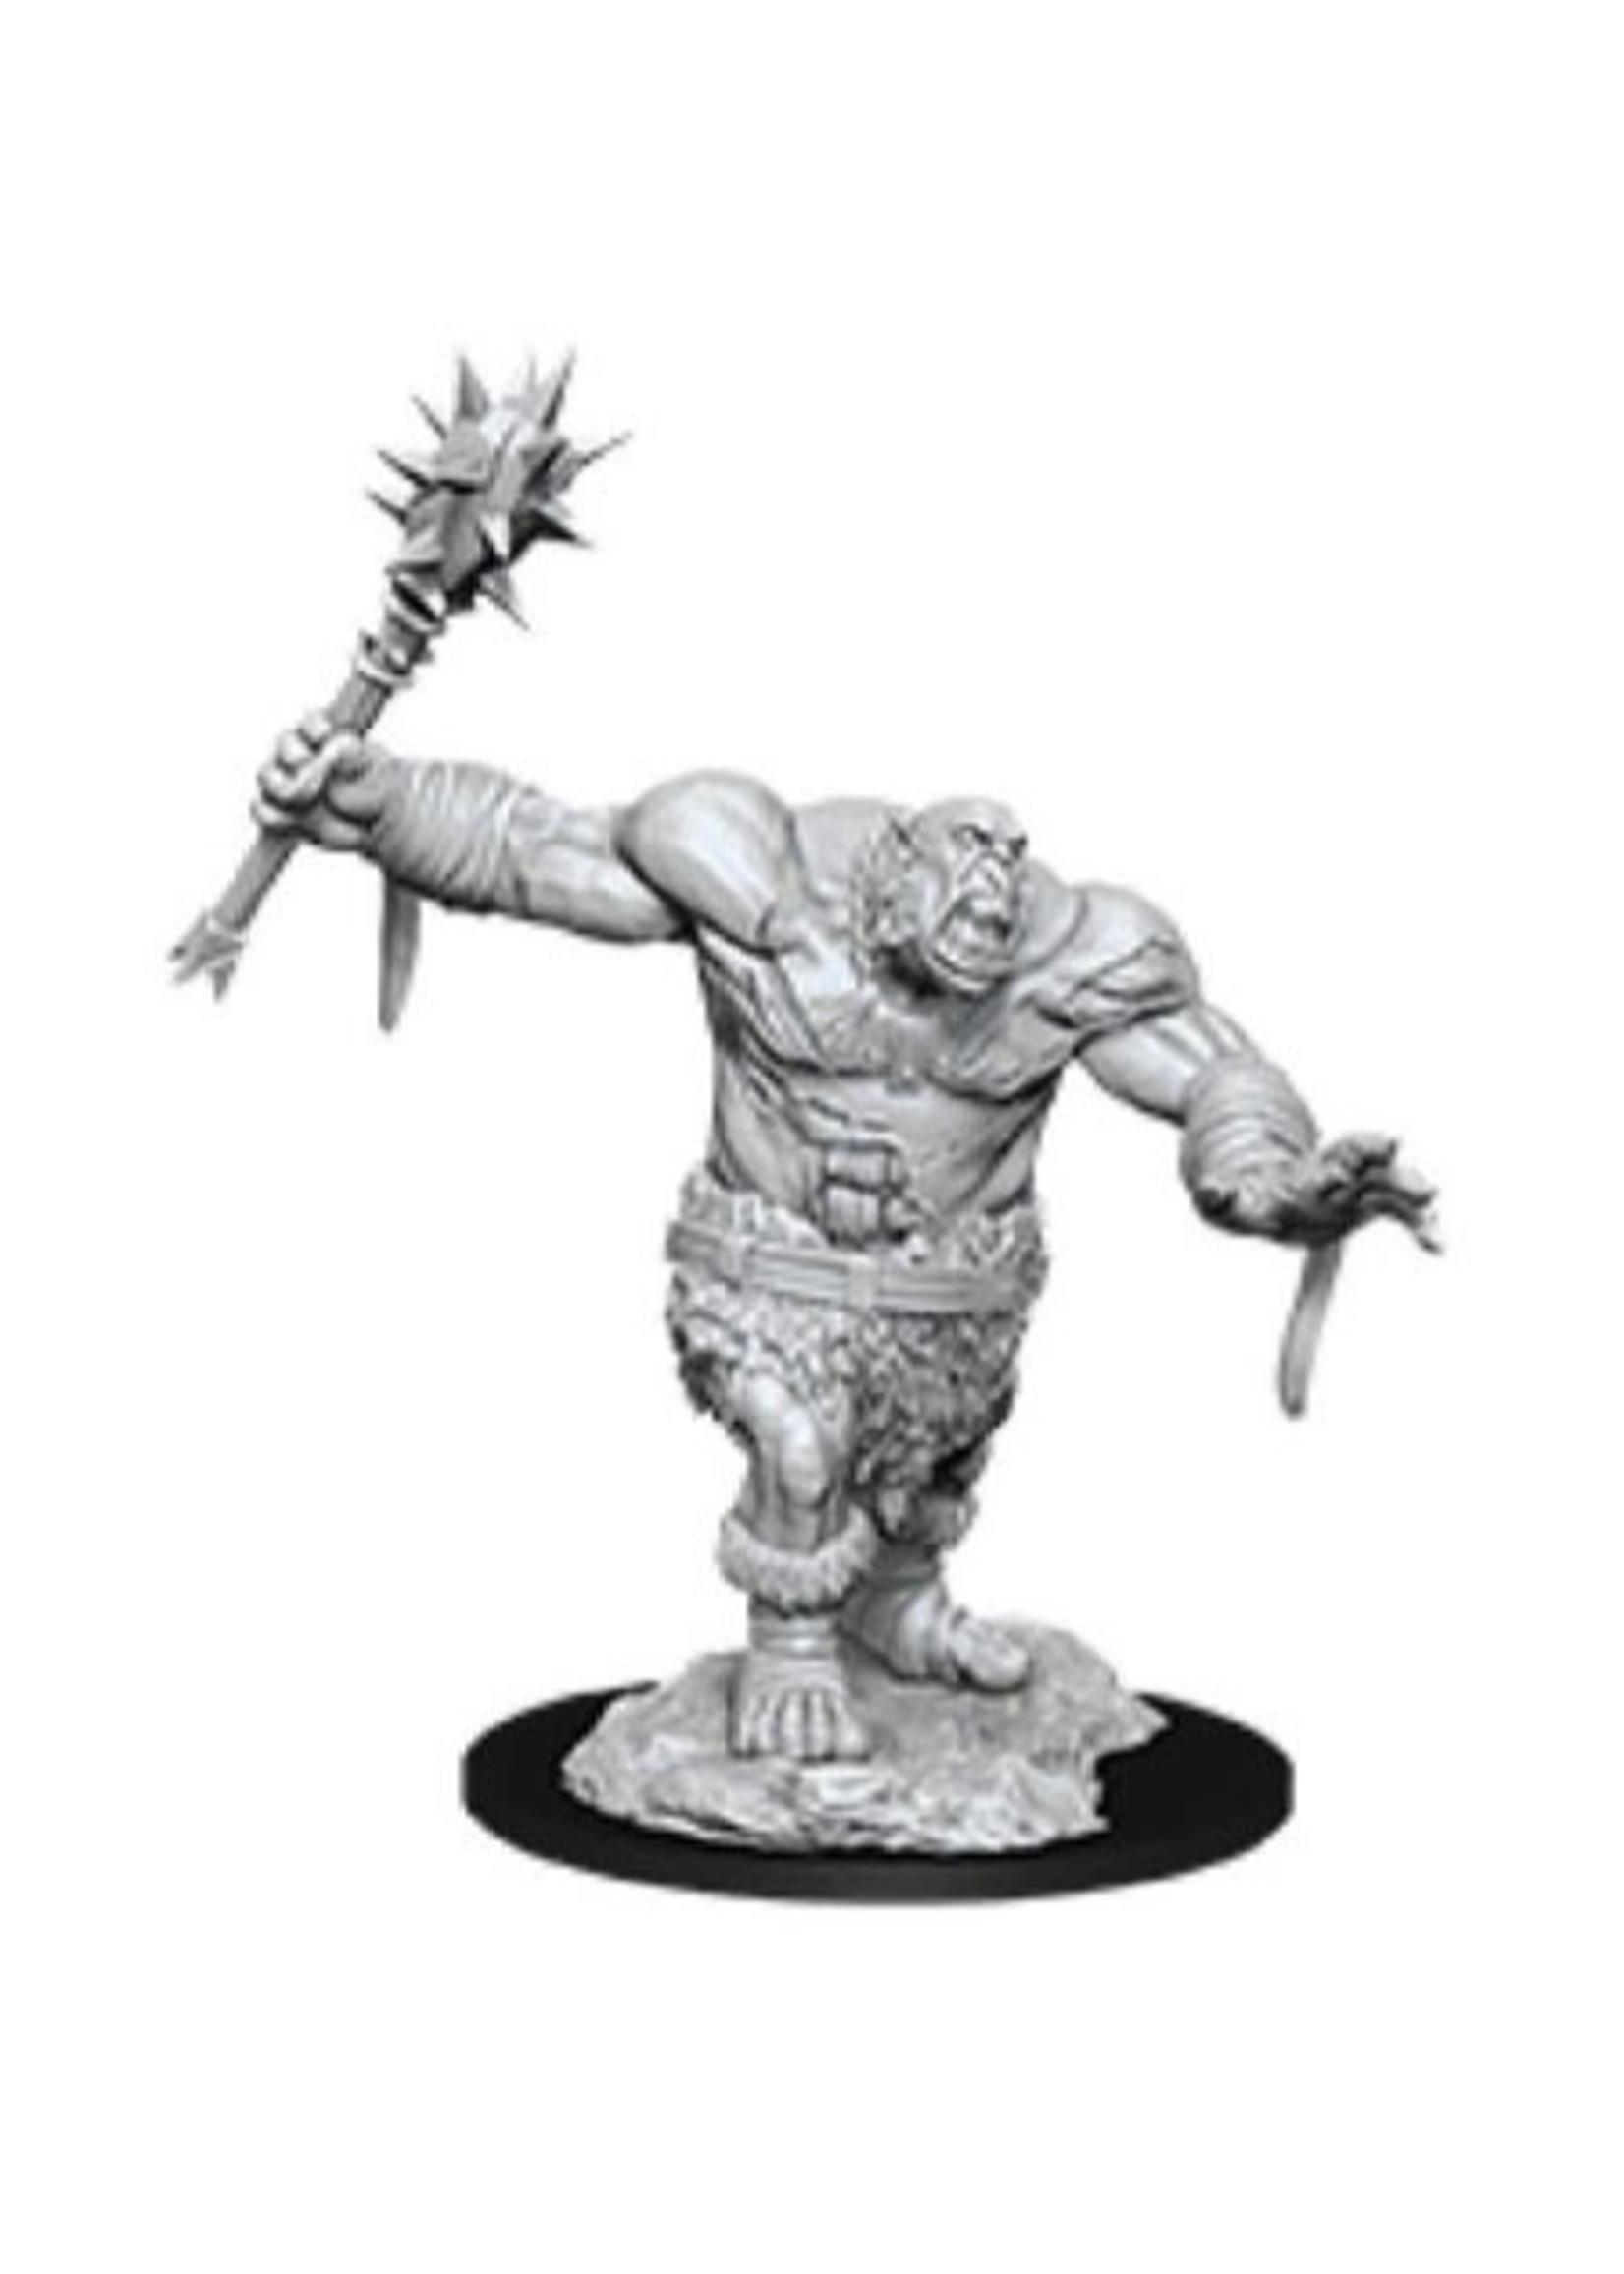 Dungeons & Dragons Nolzur`s Marvelous Unpainted Miniatures: W12 Ogre Zombie